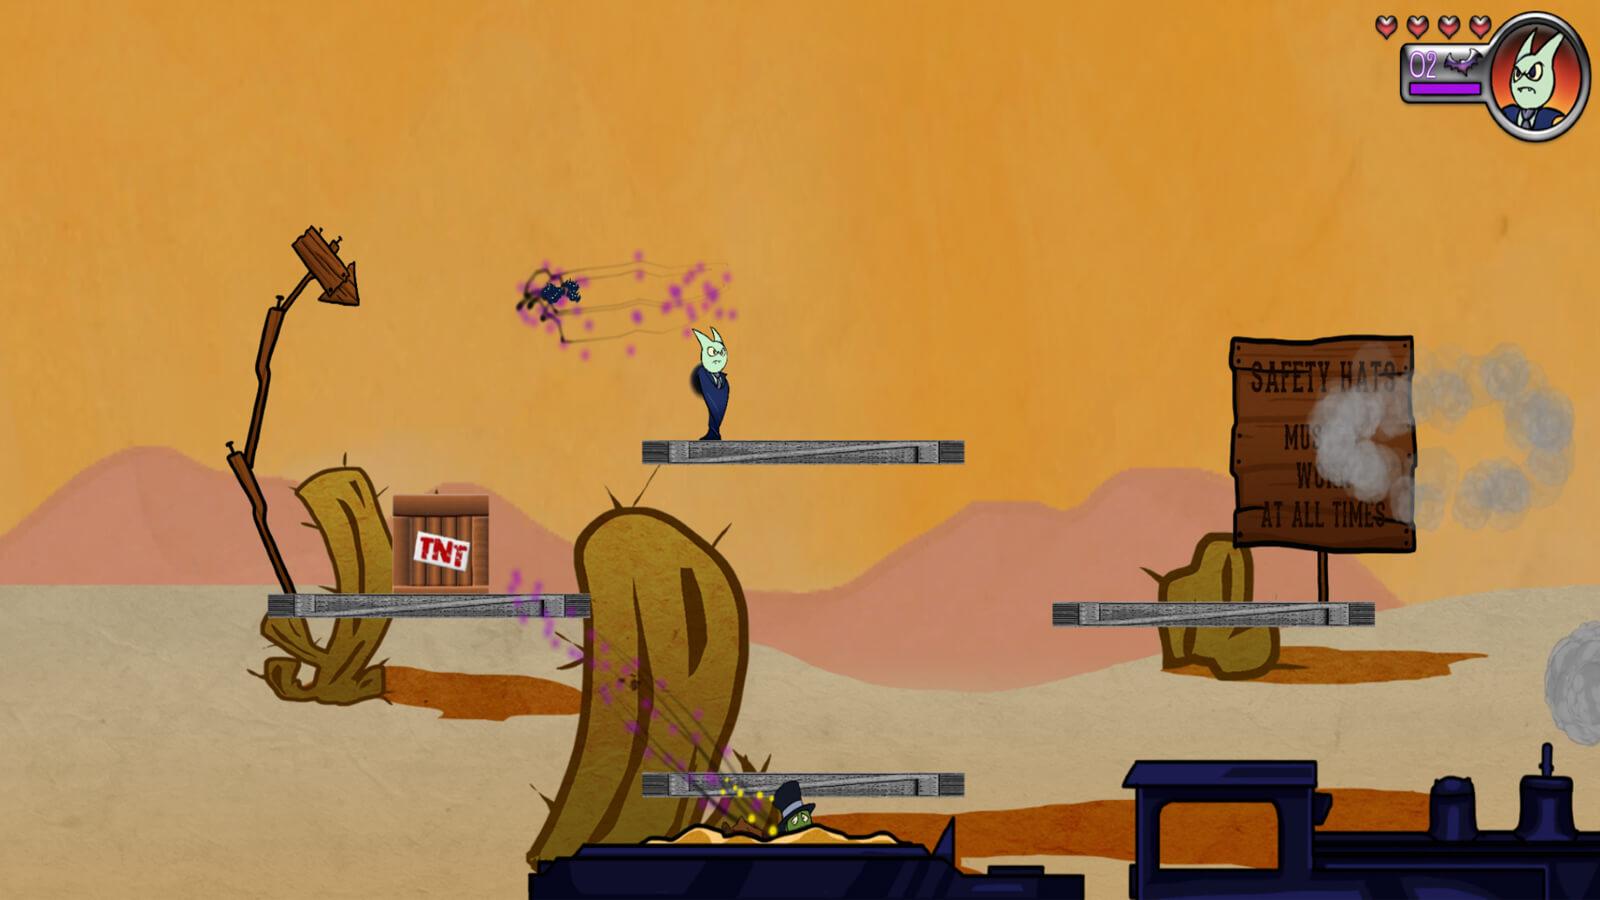 Private Battede stands on a platform in a desert landscape.